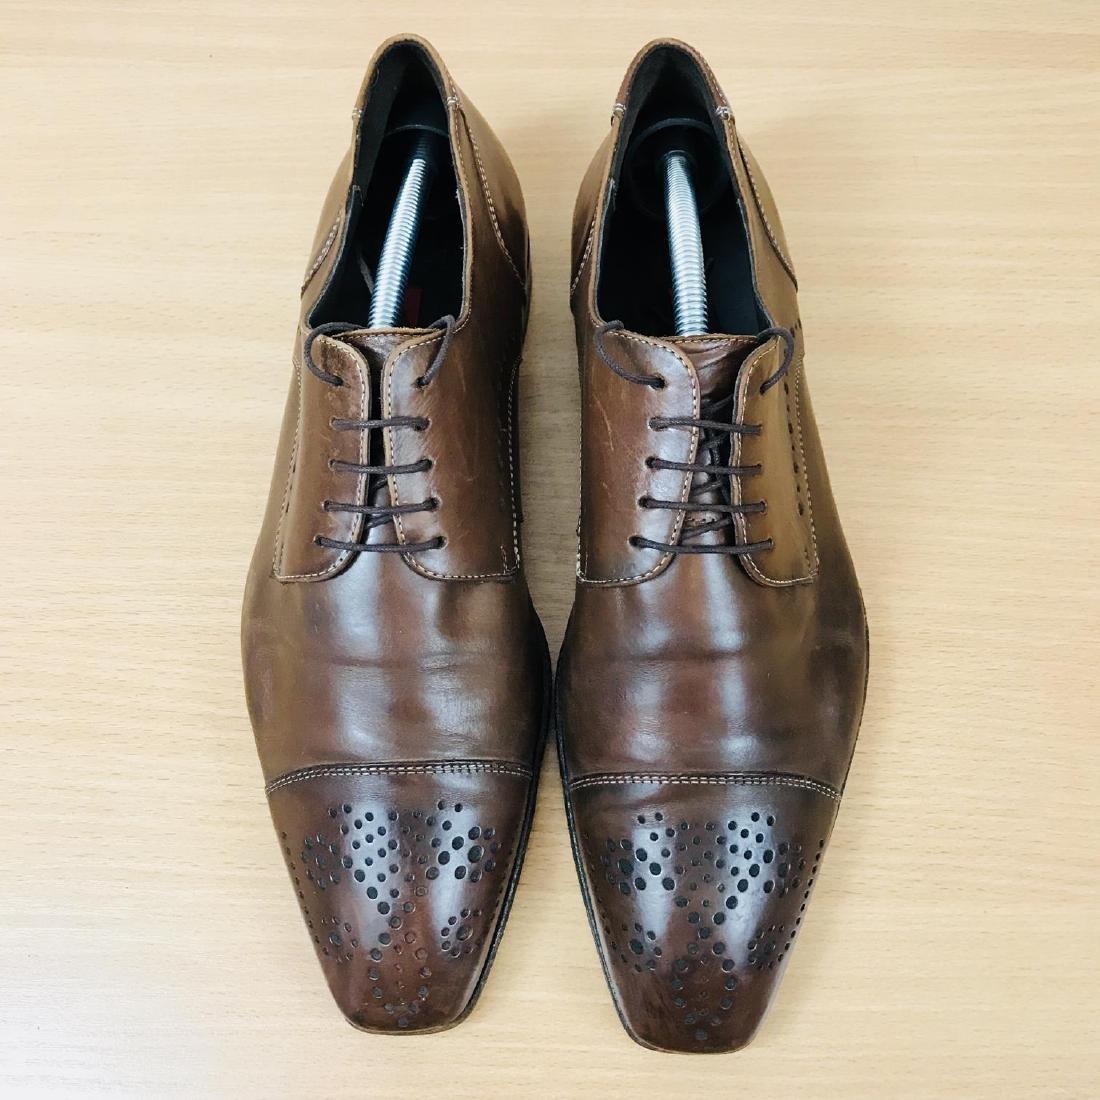 Vintage Men's LLOYD Leather Shoes Size EUR 41 US 8 - 4